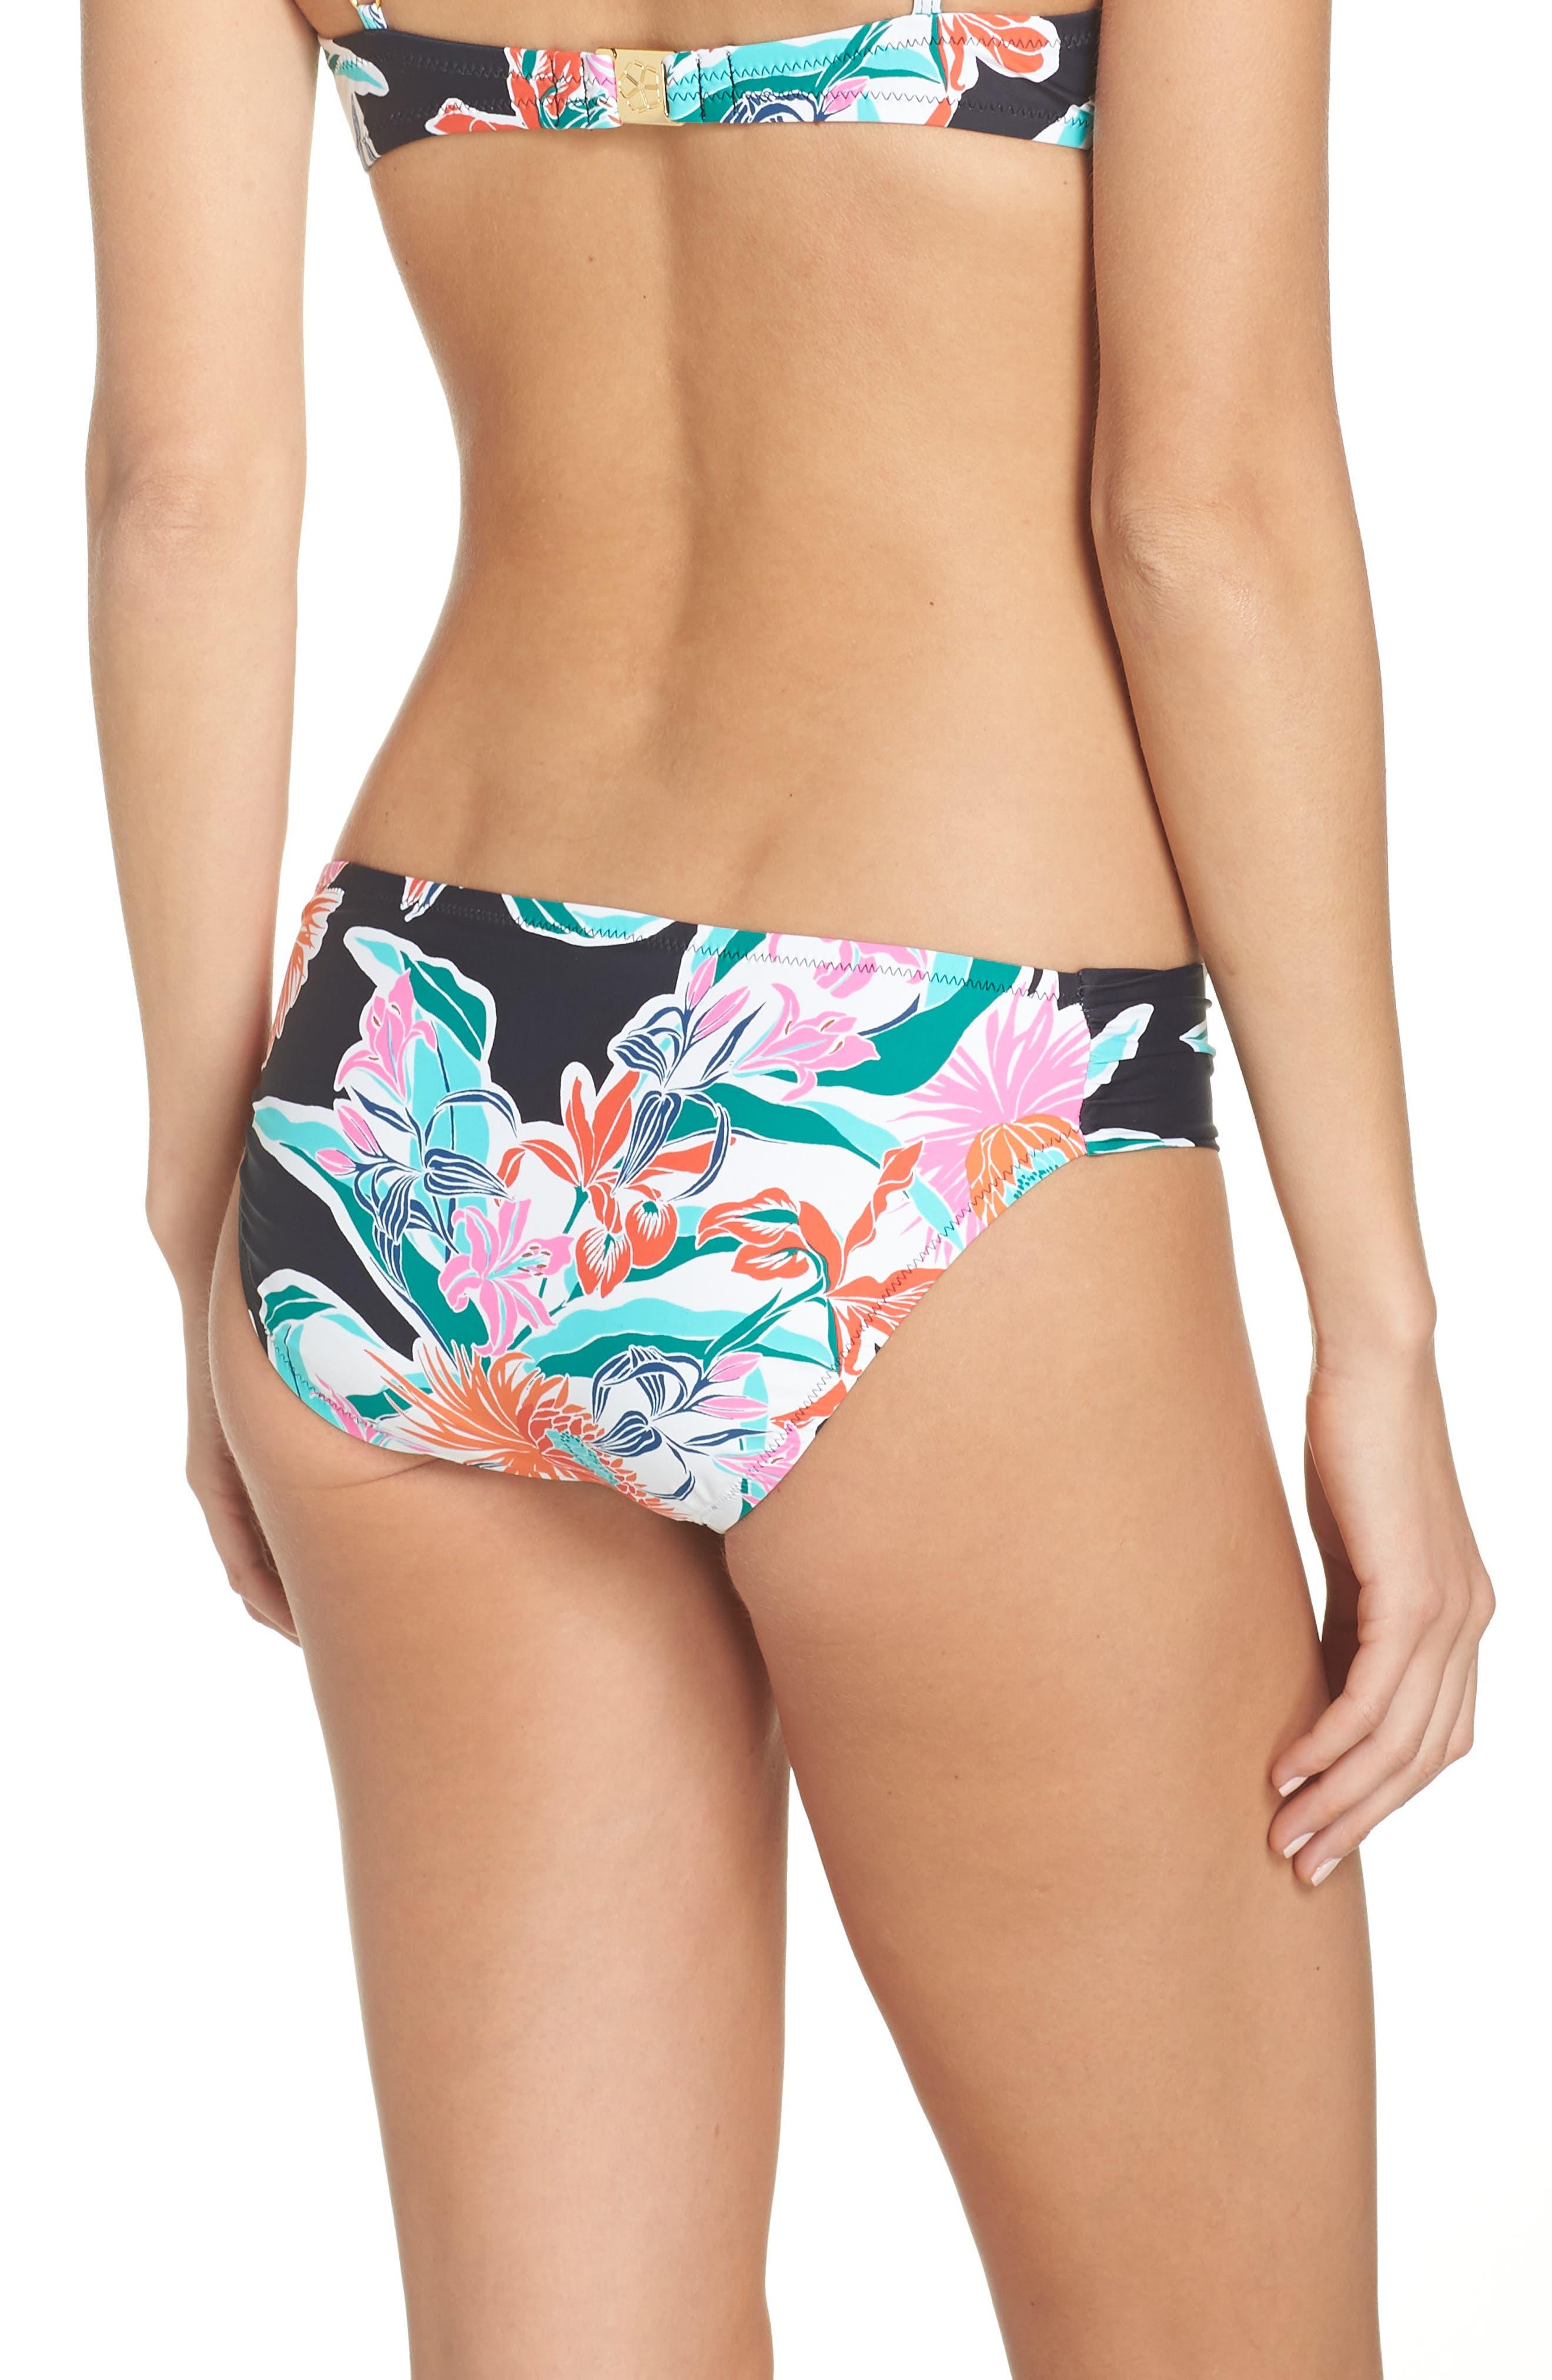 TRINA TURK, Shirred Floral Bikini Bottoms, Alternate thumbnail 2, color, BLACK MULTI